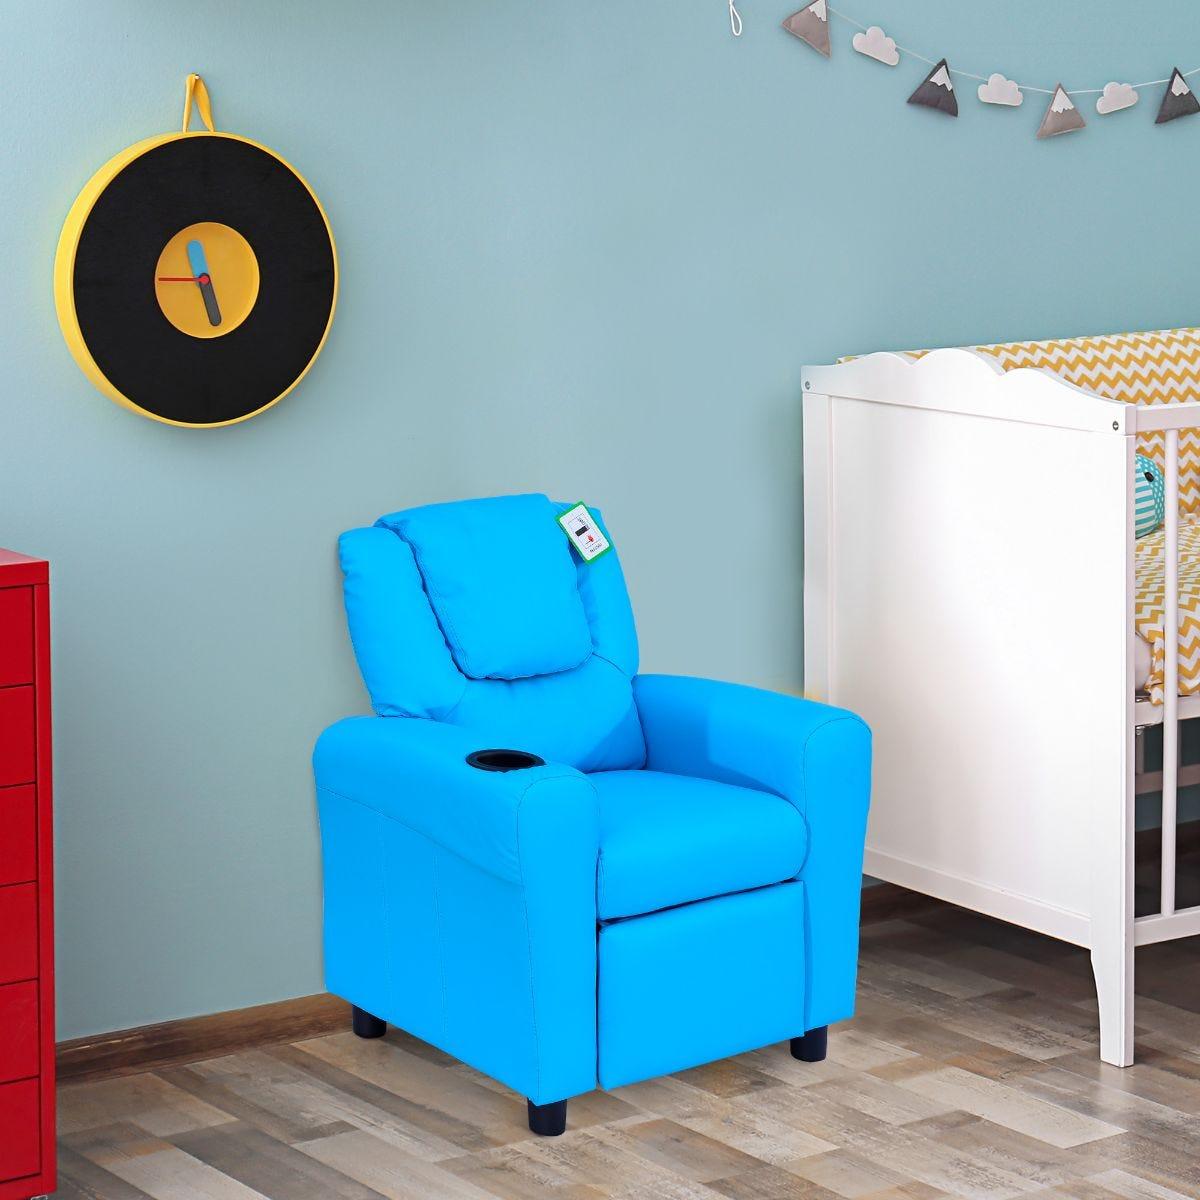 Kids Recliner Armchair Games Chair Sofa Blue